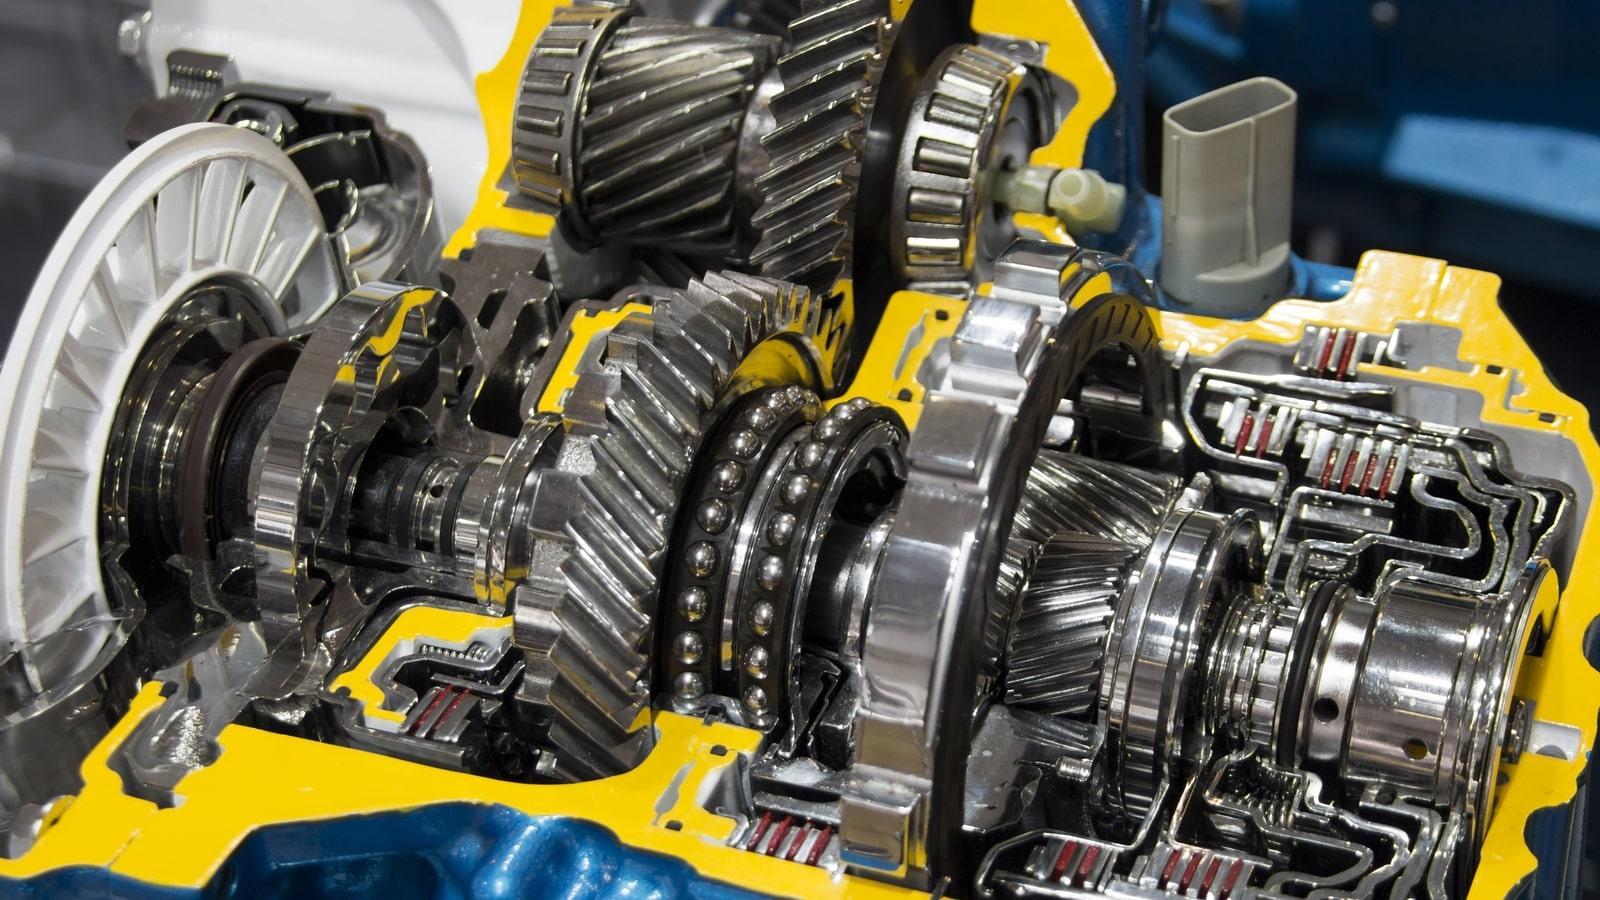 Признаки для проверки и замены масла в МКПП | Когда менять масло в МКПП (механической коробке передач), как часто, и нужно ли это